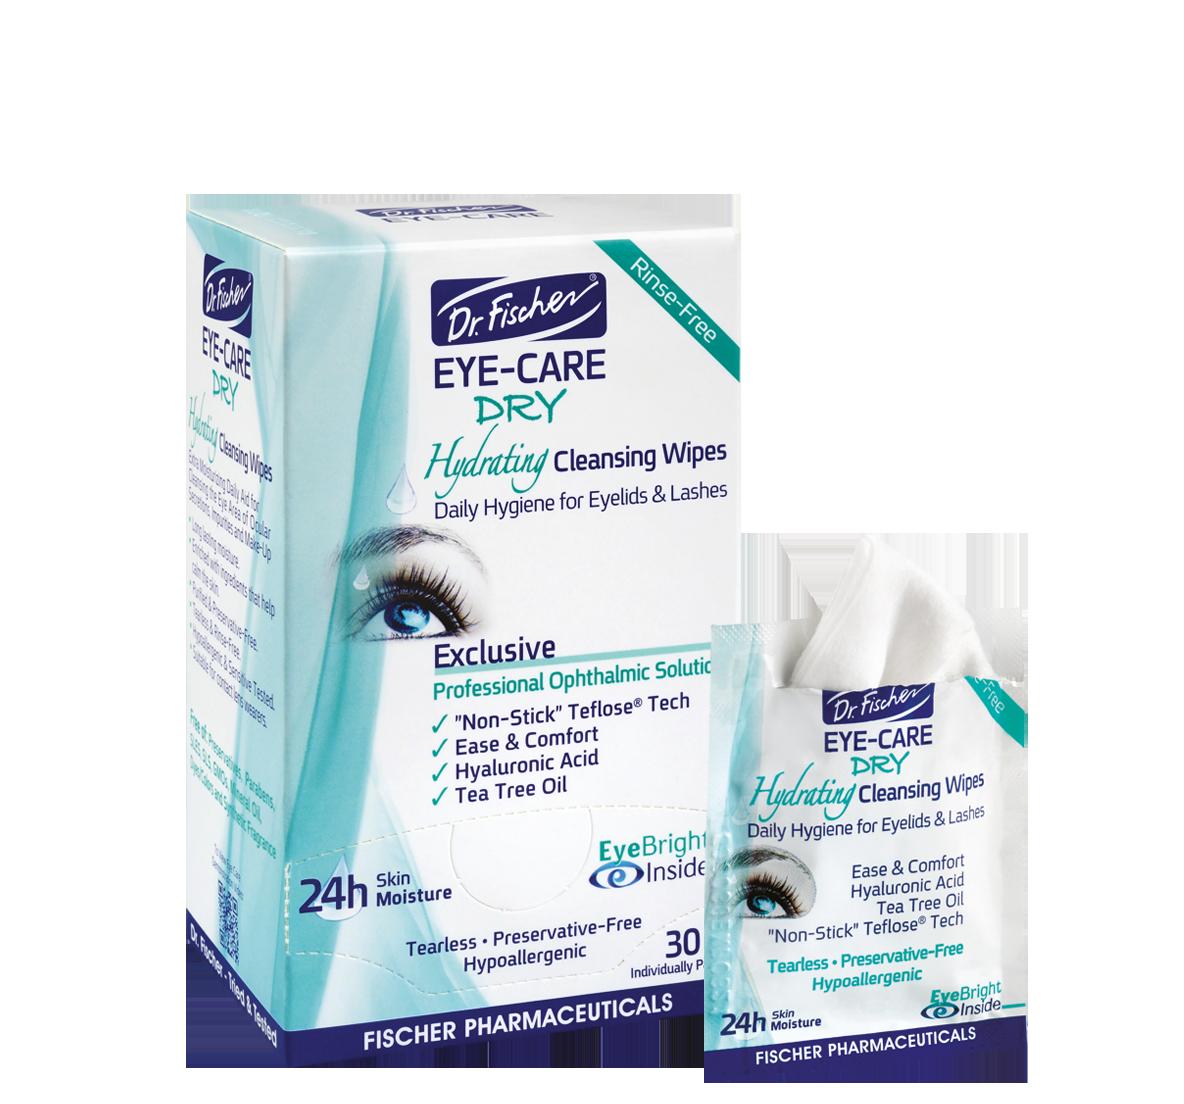 E_eye-care_dry_1184x1104